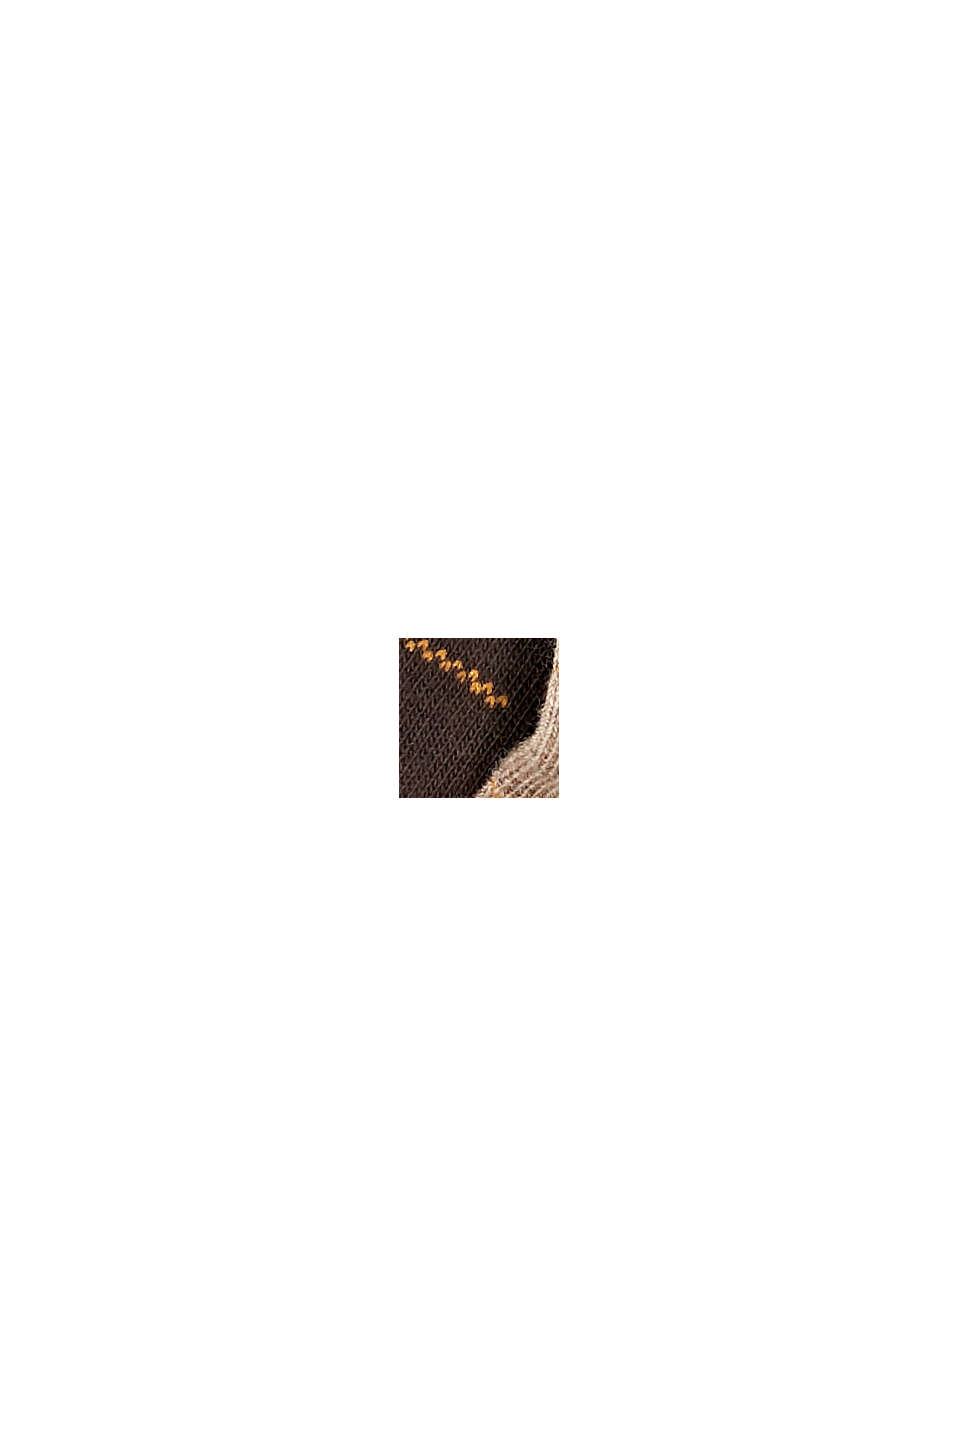 Calze in confezione doppia con motivo a quadri, misto cotone biologico, BEIGE/BROWN, swatch